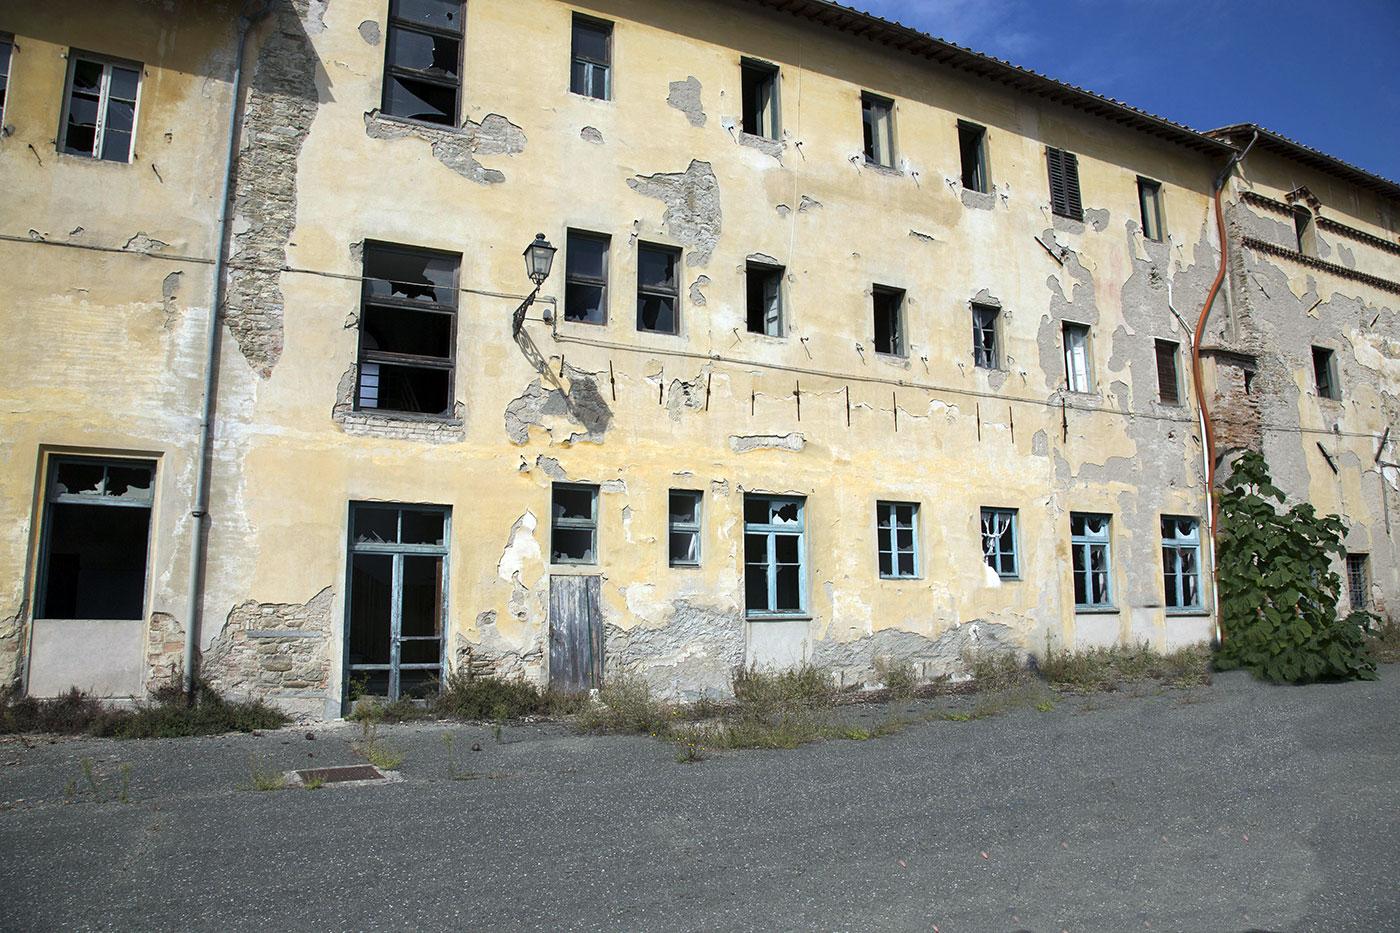 ex-monastero-ex-ospedale-luco-di-mugello-foto-francesco-noferini-2017-2